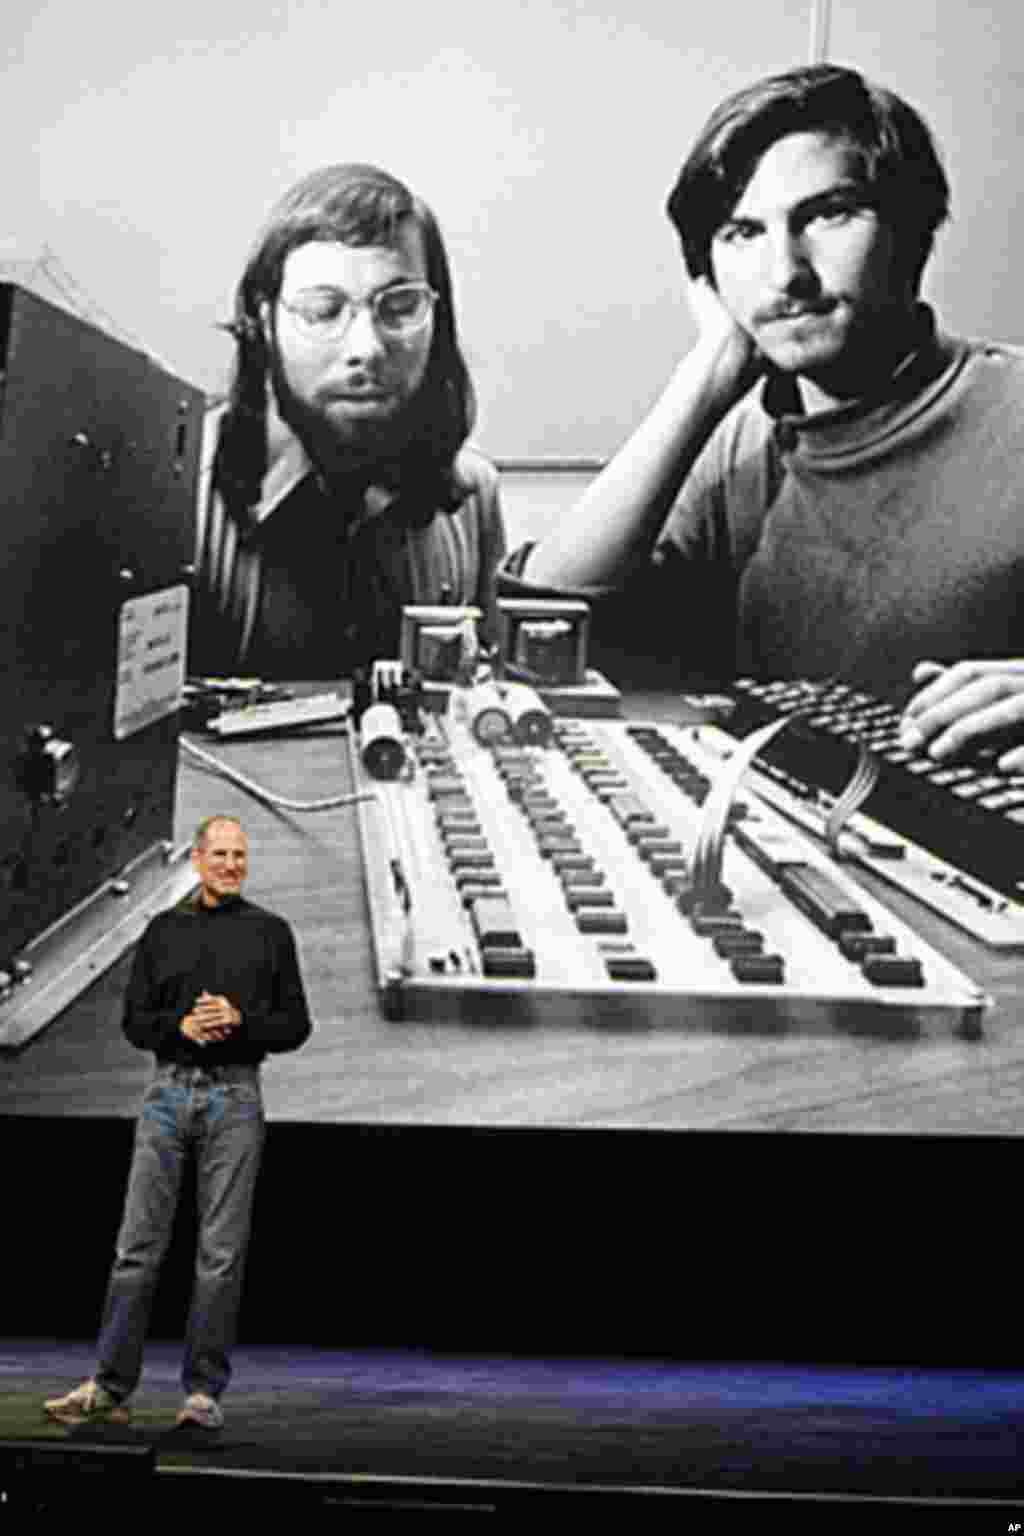 2010年1月27日:在旧金山举行的一次苹果电脑活动中,乔布斯站在一幅巨照下面 - 照片中,年轻的乔布斯(右)与苹果电脑的共同创始人沃兹尼亚克(左)在一起。(AP)